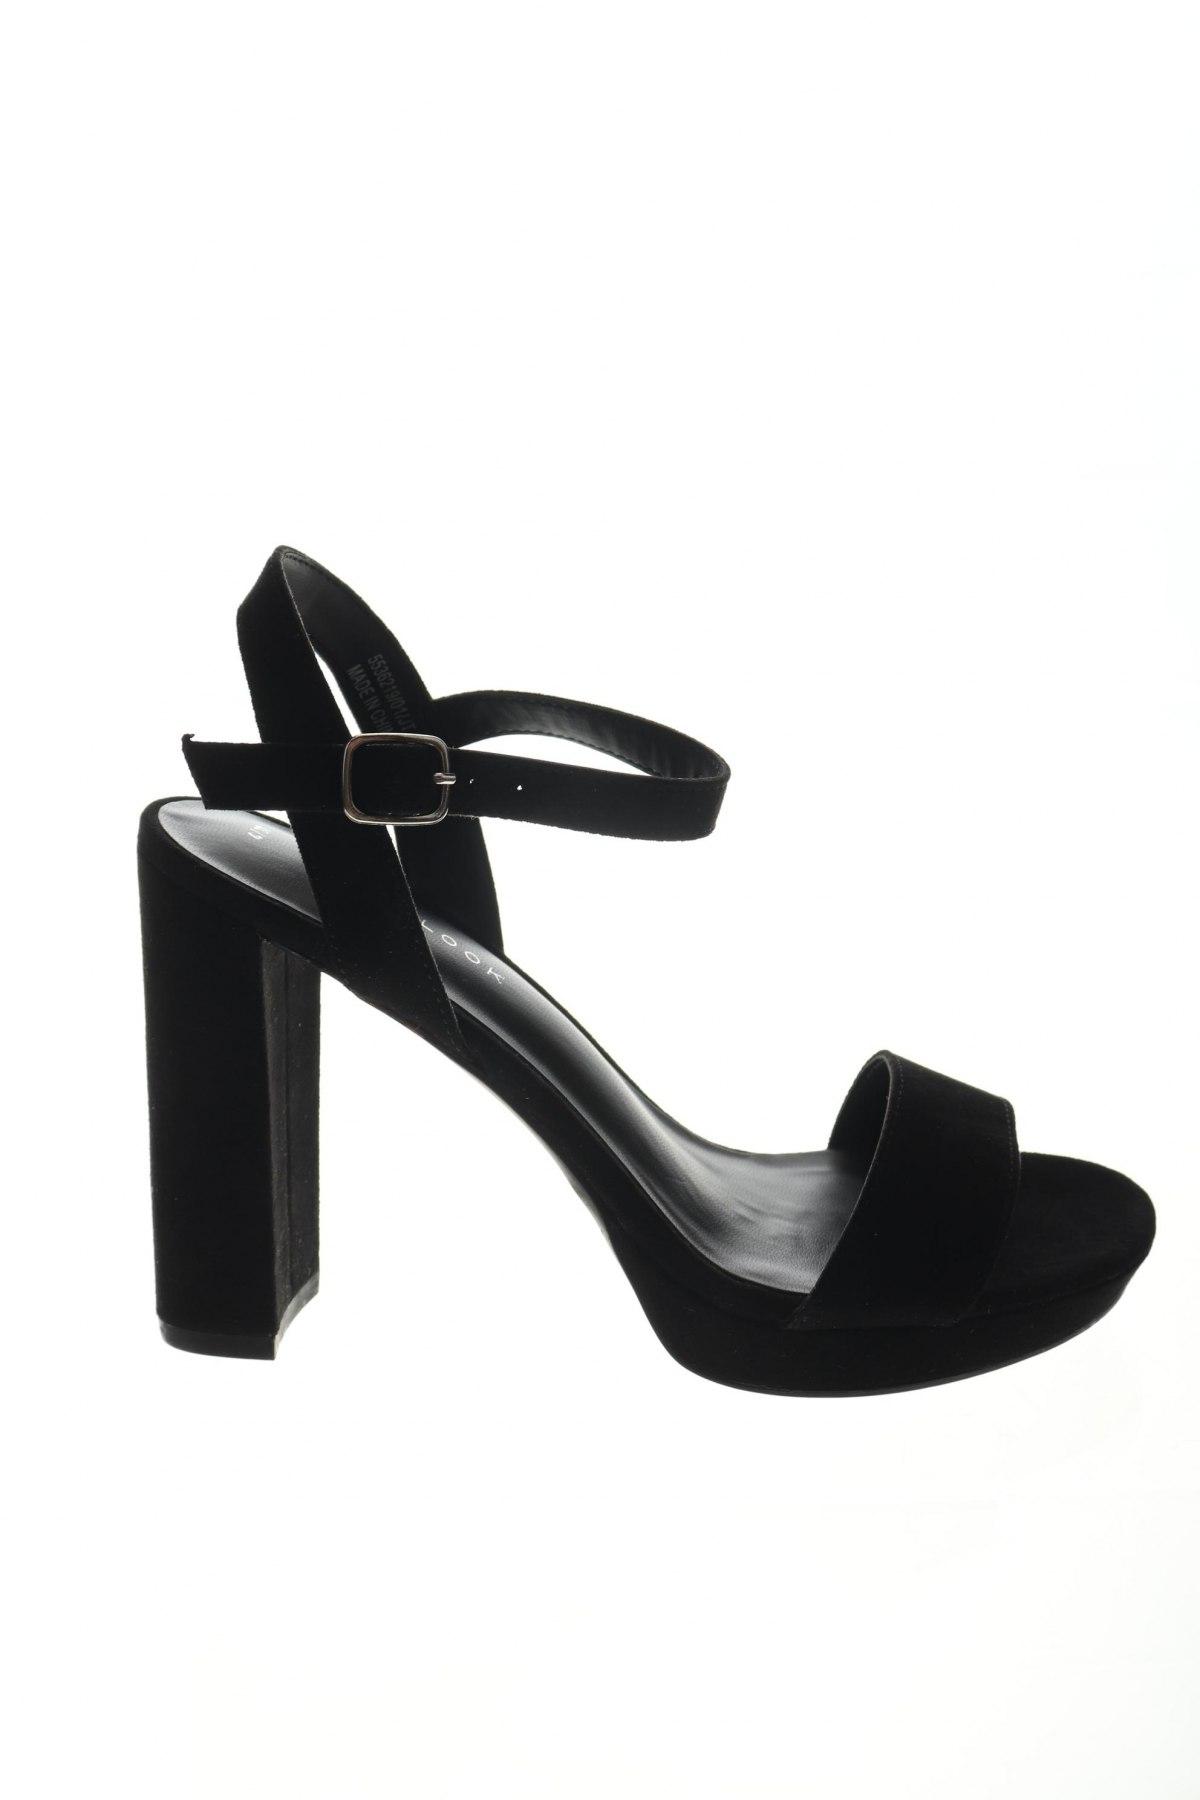 Σανδάλια New Look, Μέγεθος 37, Χρώμα Μαύρο, Κλωστοϋφαντουργικά προϊόντα, Τιμή 15,54€